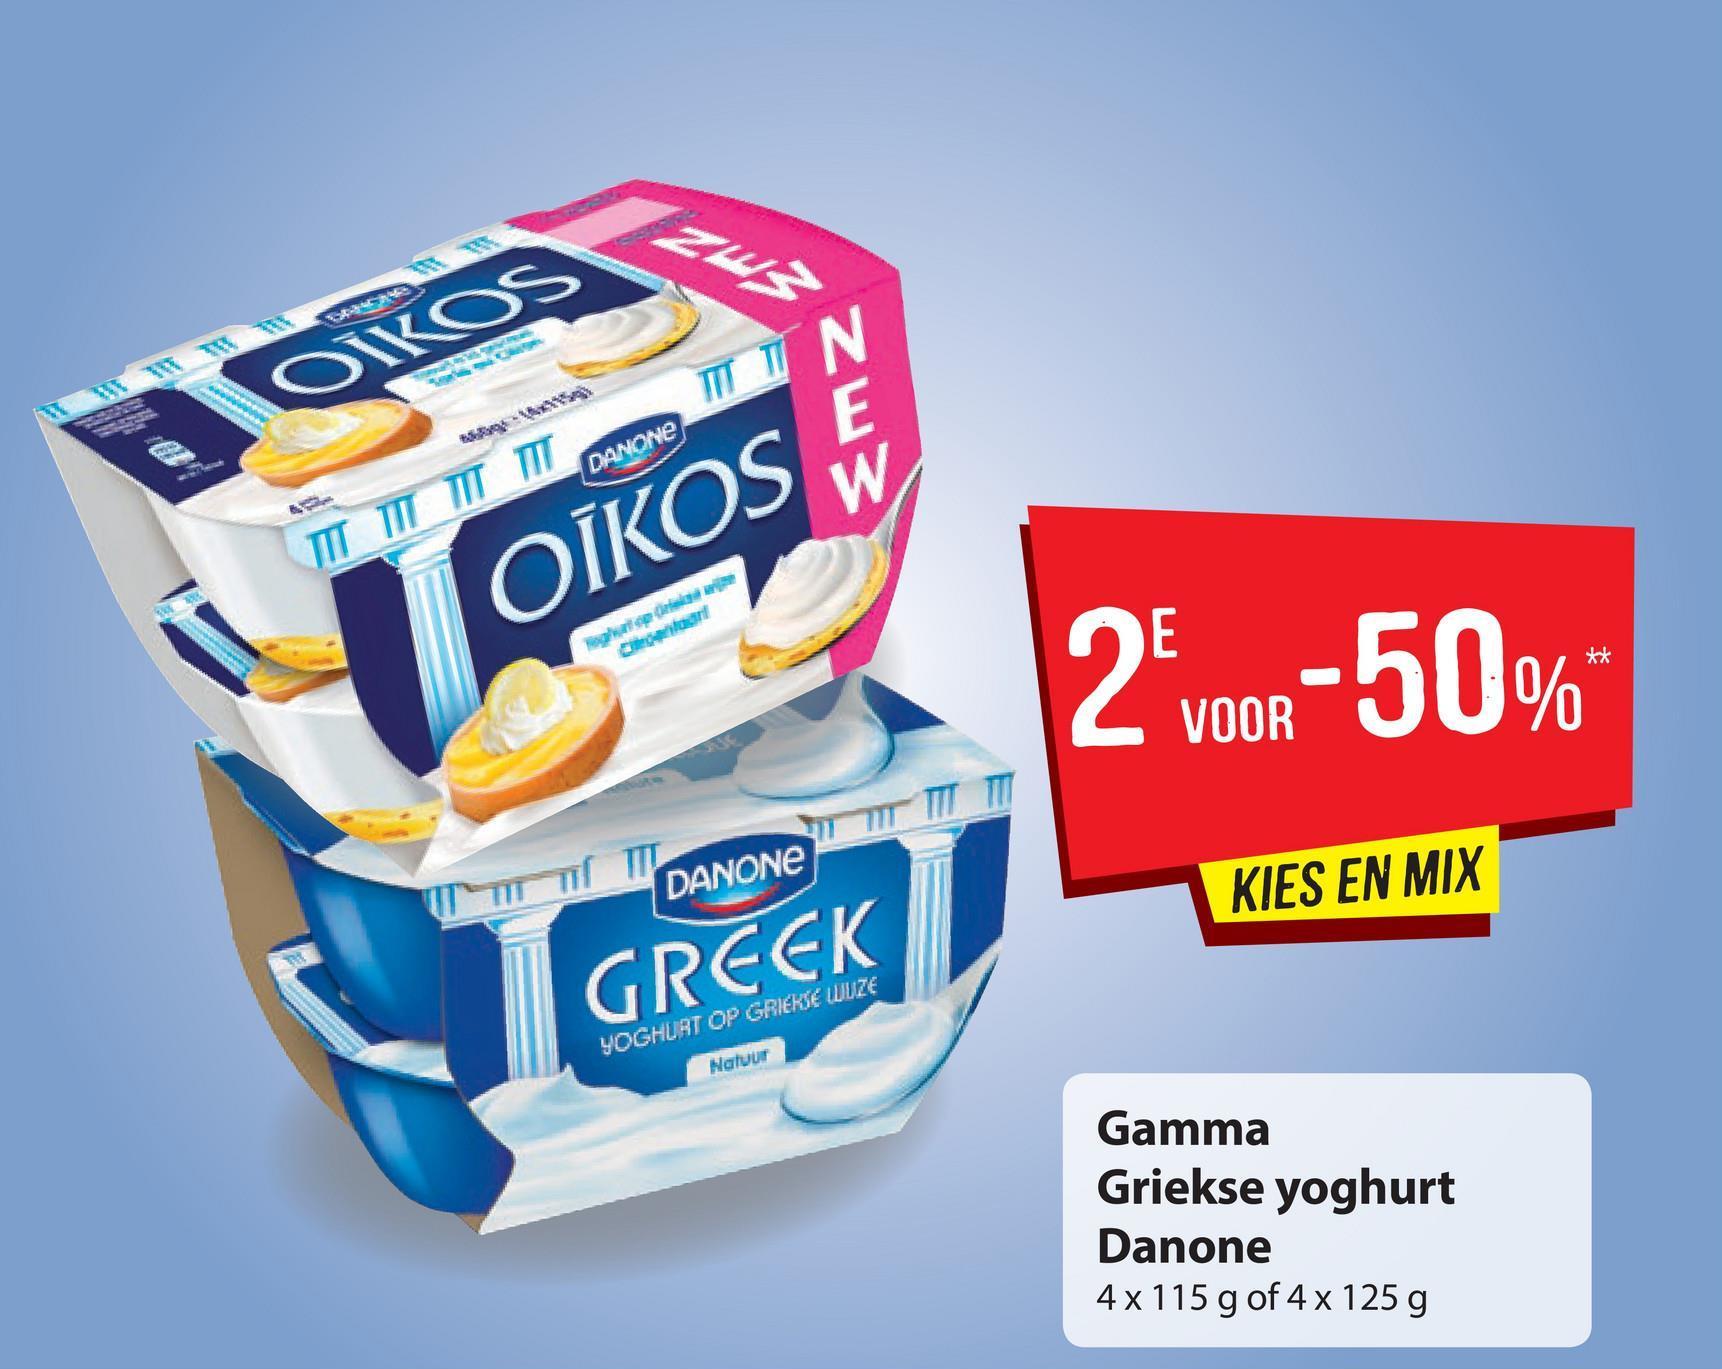 OIKOS DANONE_IITT N DANONE TII TITT OIKOS W gate ** 2 voor -50% VOOR CANON UIT T KIES EN MIX GRECK YOGHURT OP GRIEKSE LUZE Natuur Gamma Griekse yoghurt Danone 4x115 g of 4 x 125 g